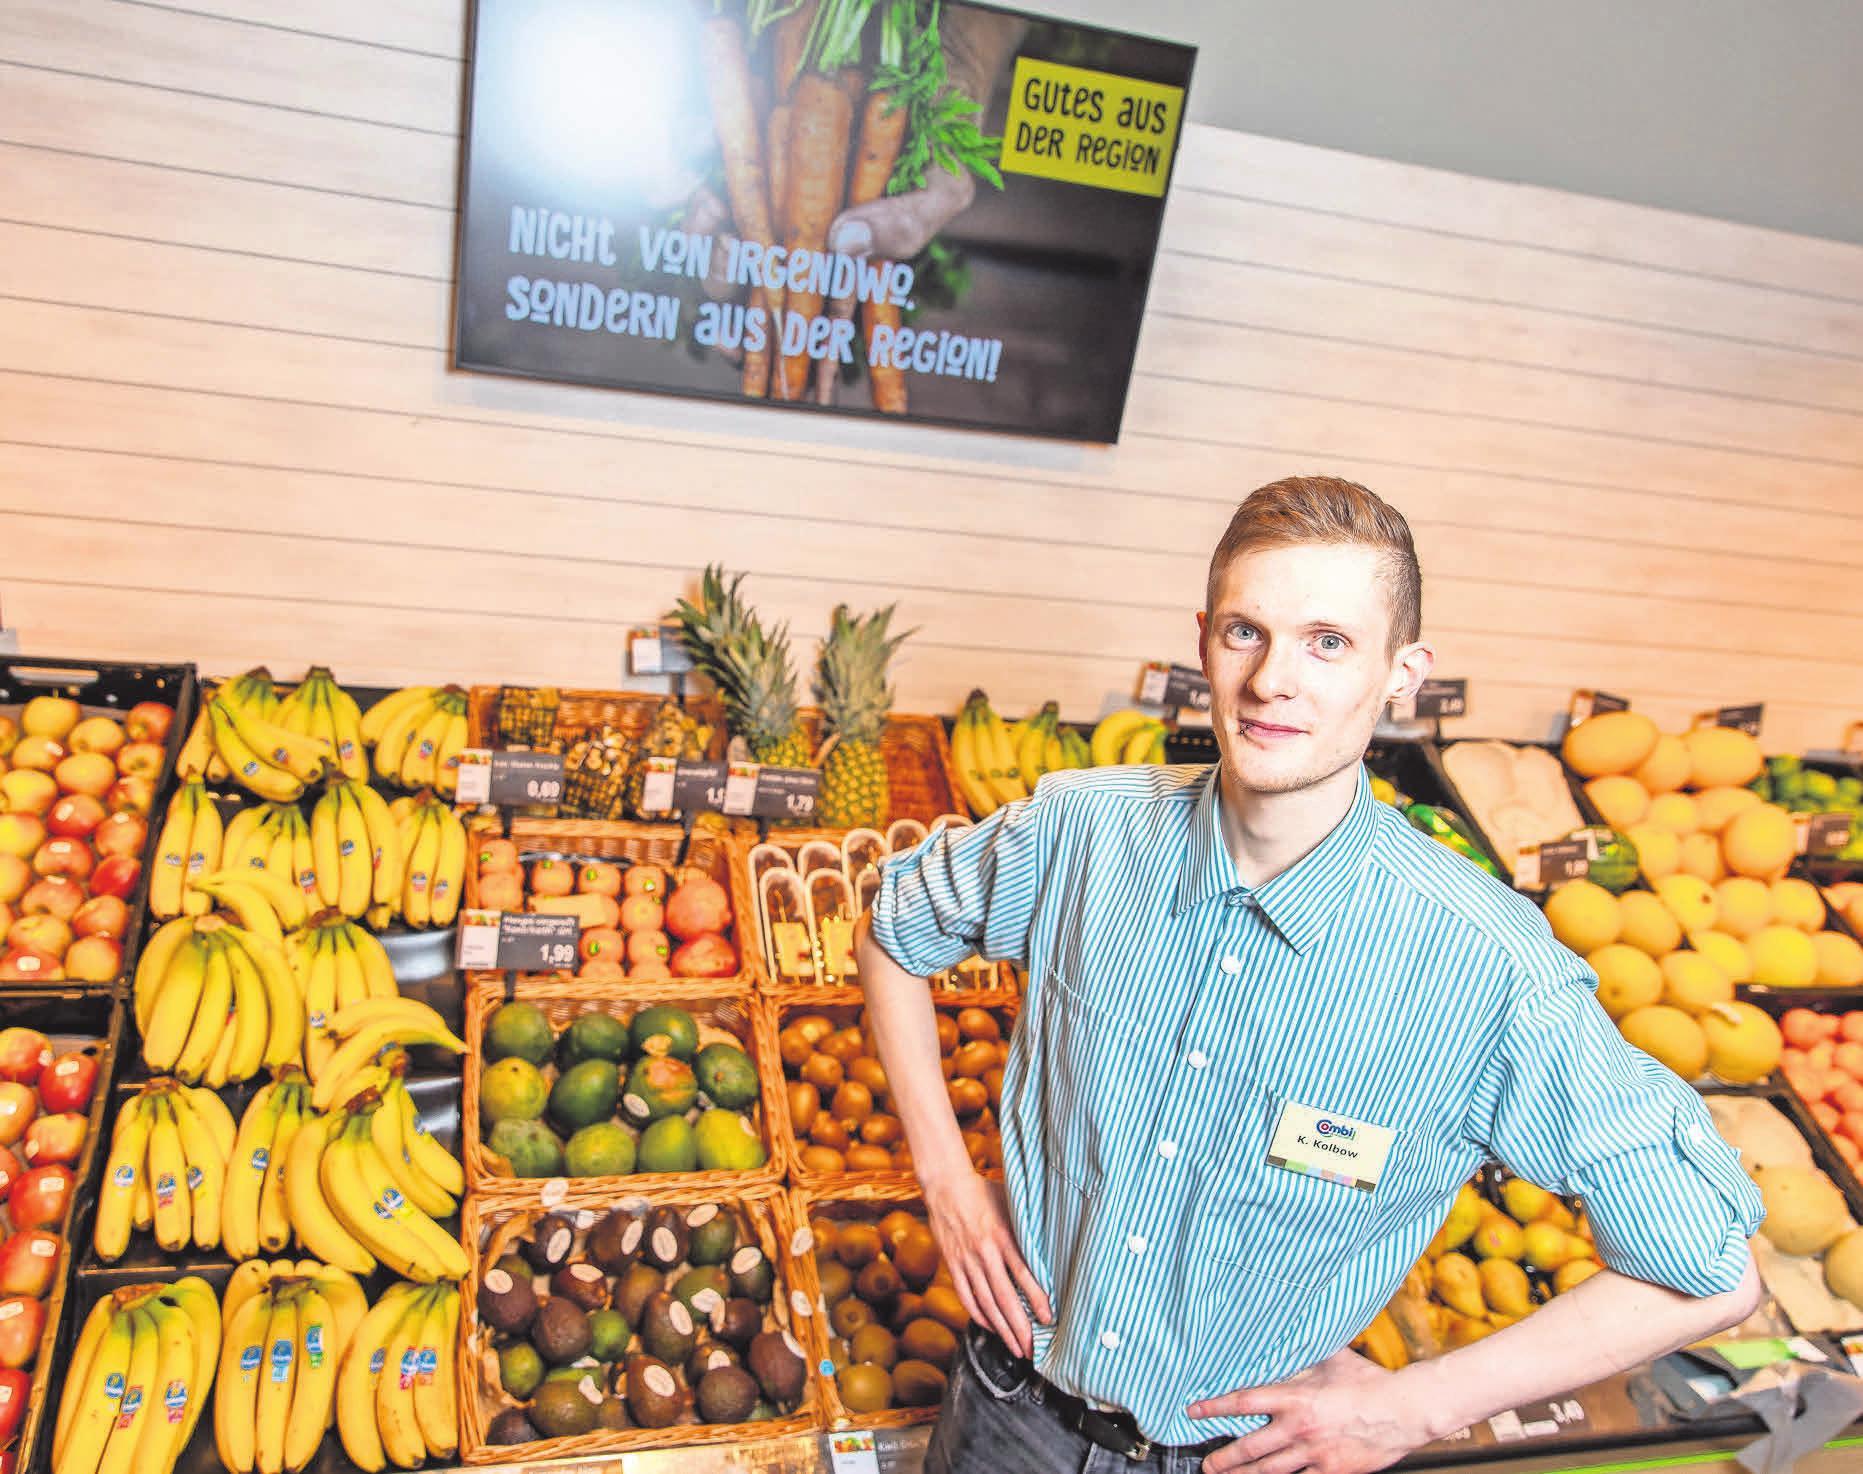 Mehr Frische in der neuen Obst- und Gemüseabteilung. Marktmitarbeiter Kenneth Kolbow präsentiert das umfangreiche Angebot.